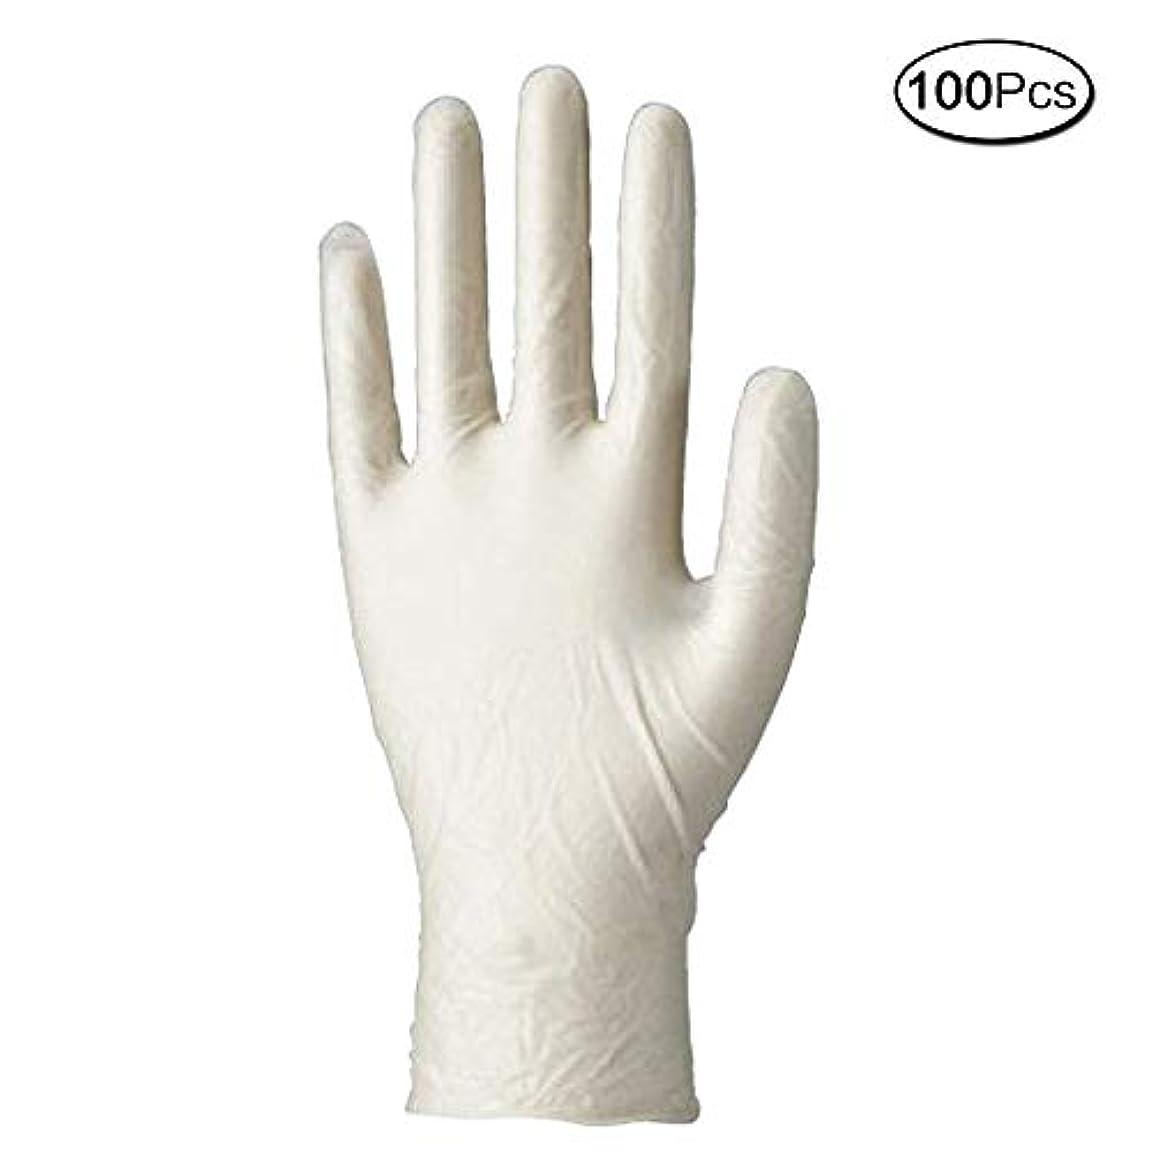 ポーター仕方代わりの使い捨て手袋 マイスコPVCグローブ 粉なし (サイズ:M)100枚入り 病院採用商品